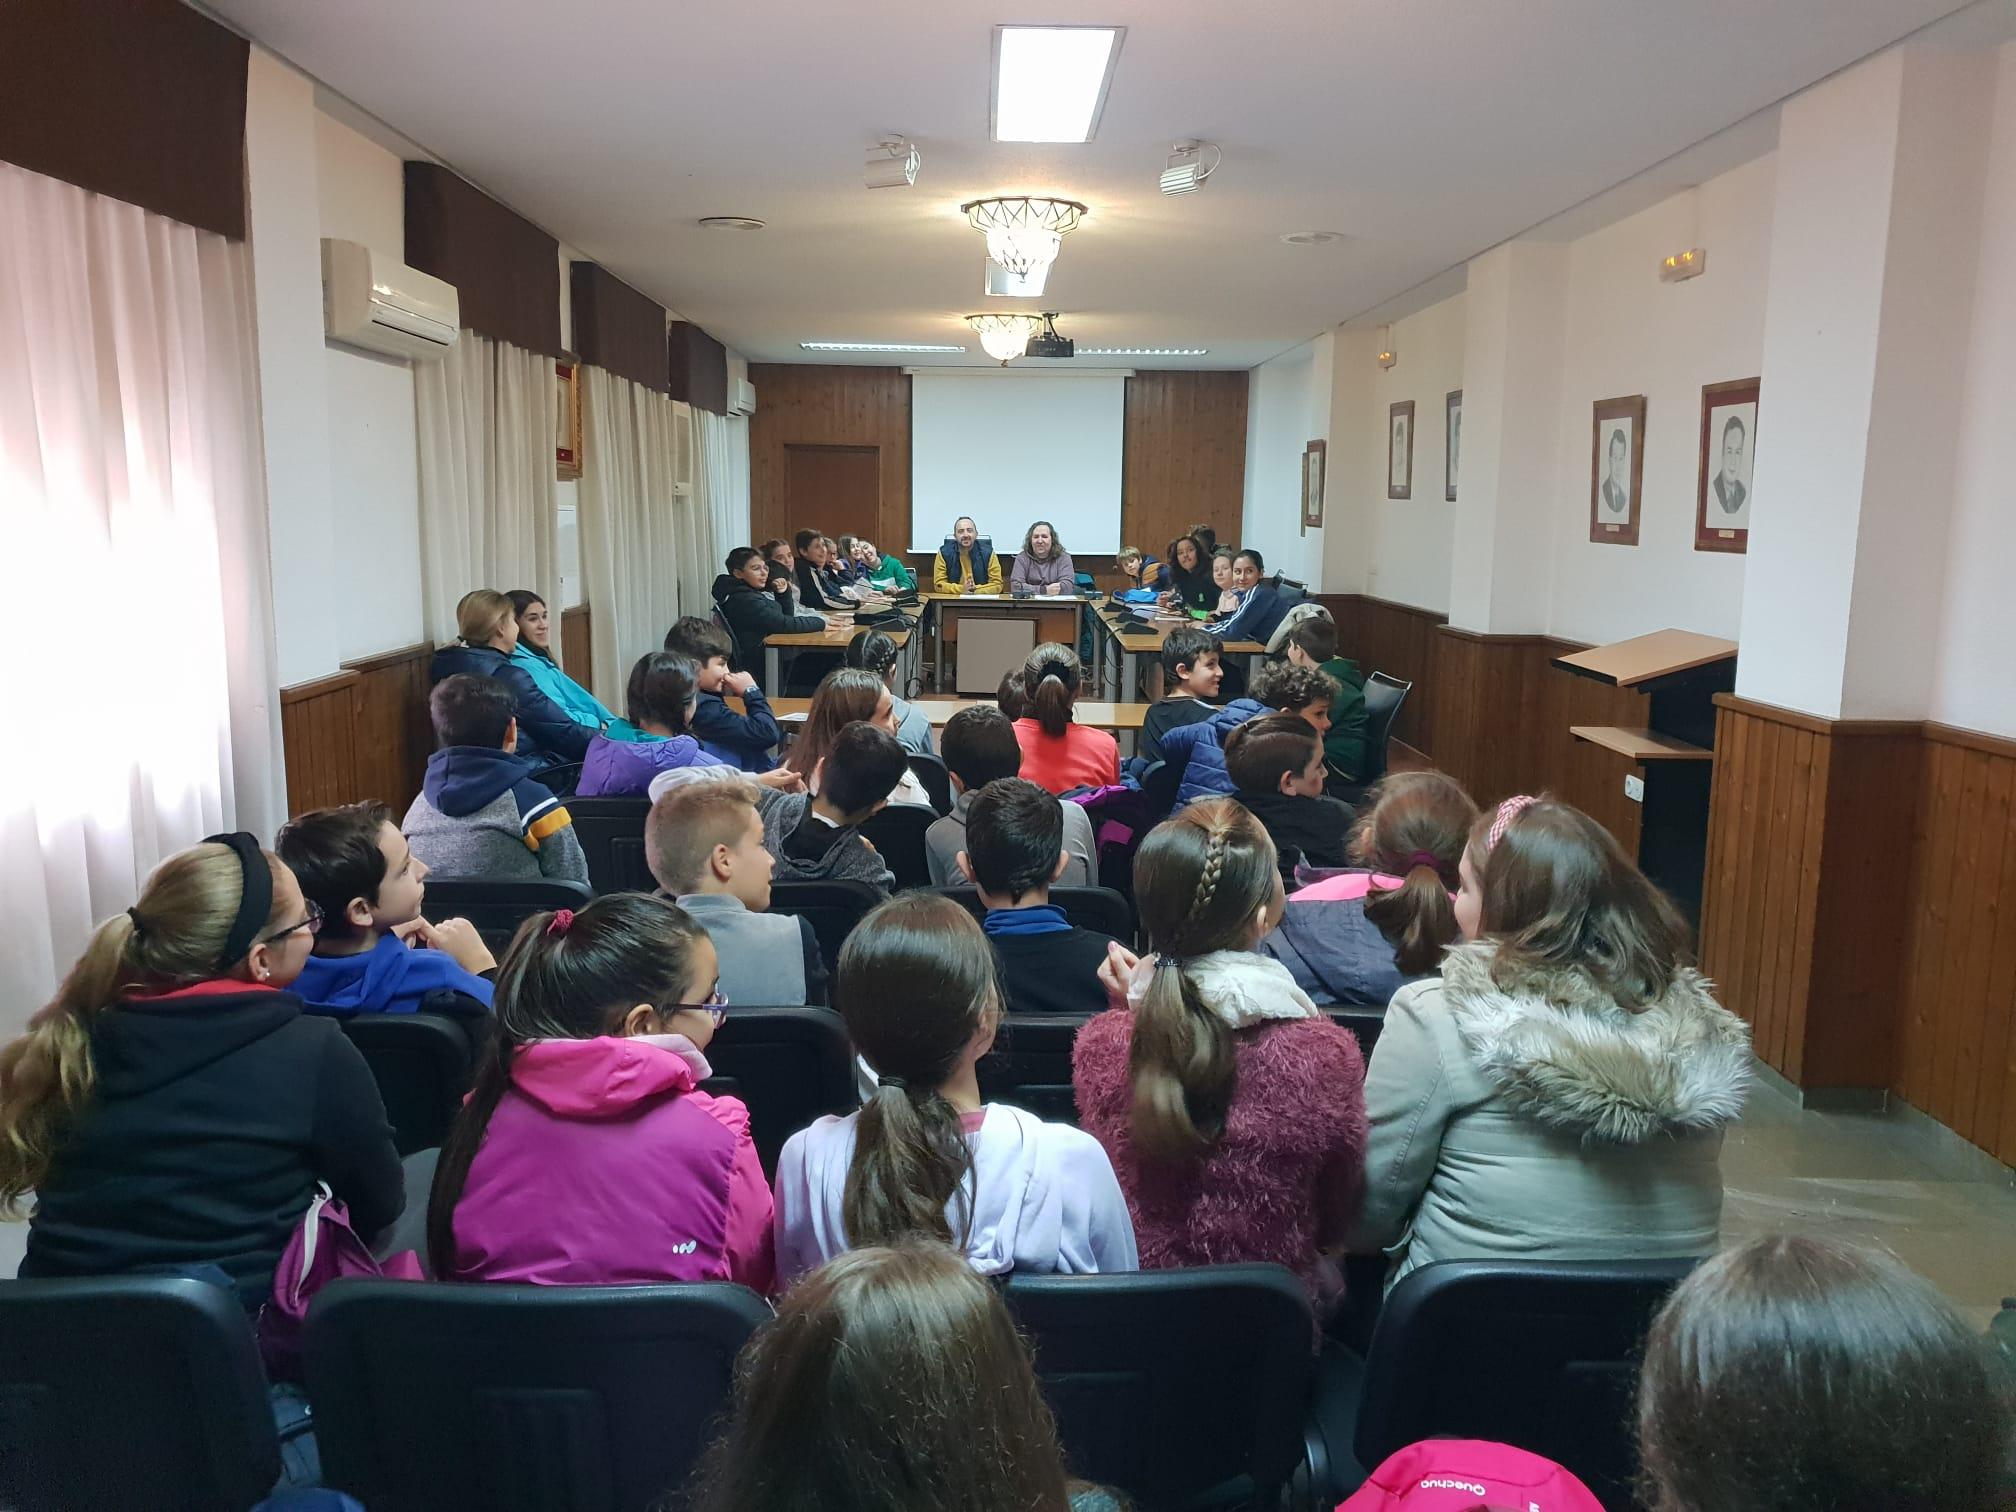 Imagen de la noticia Participación infantil en Peligros (Granada): Escuchar la ciudad para transformarla